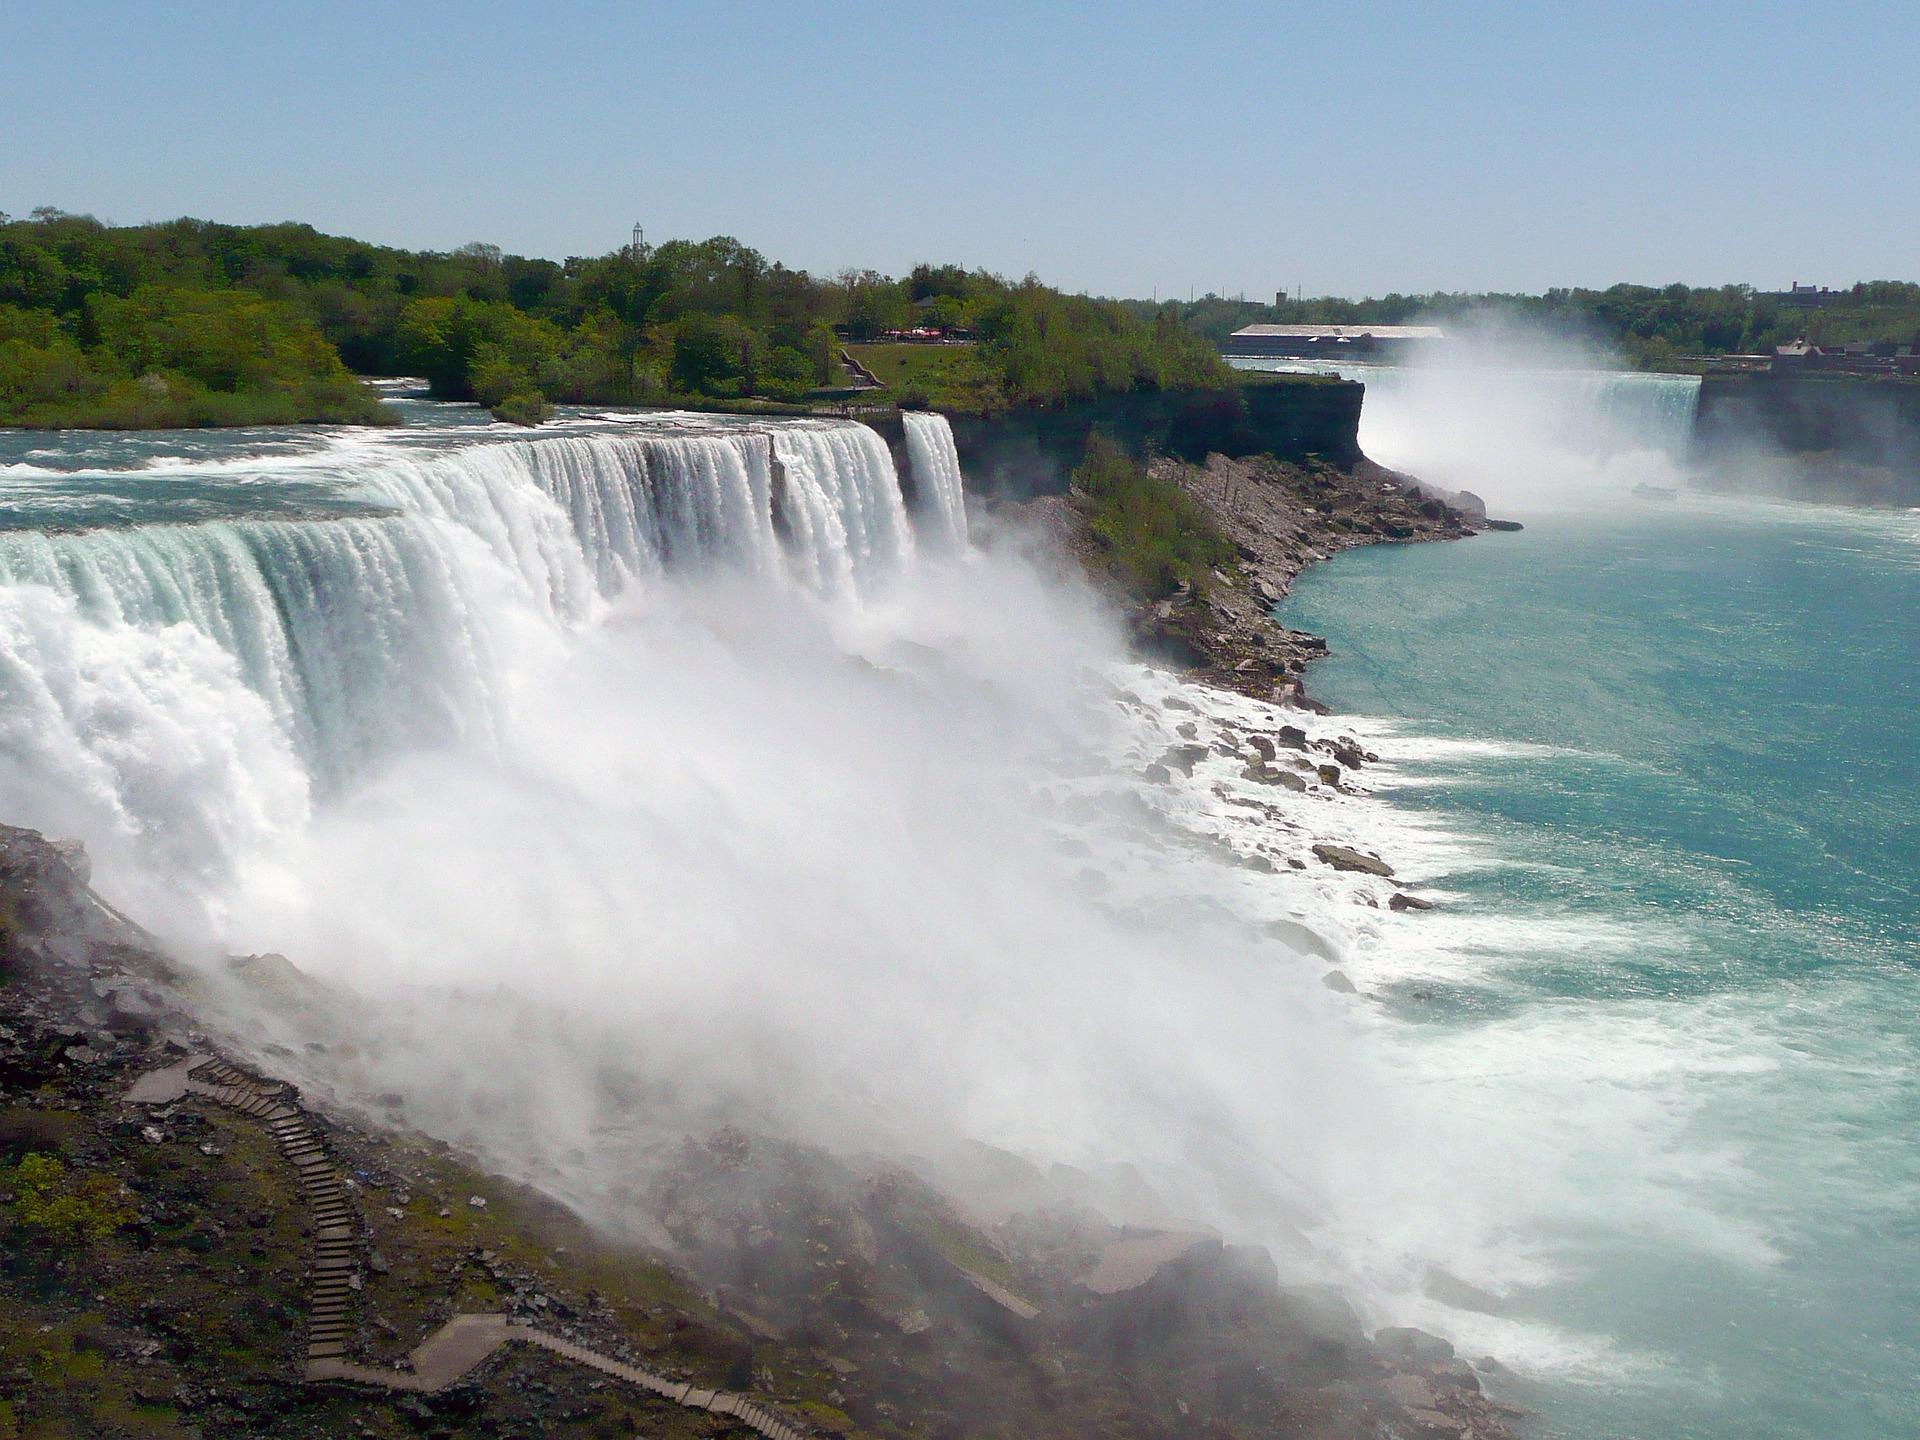 Niagara Falls, between Cananda and the USA